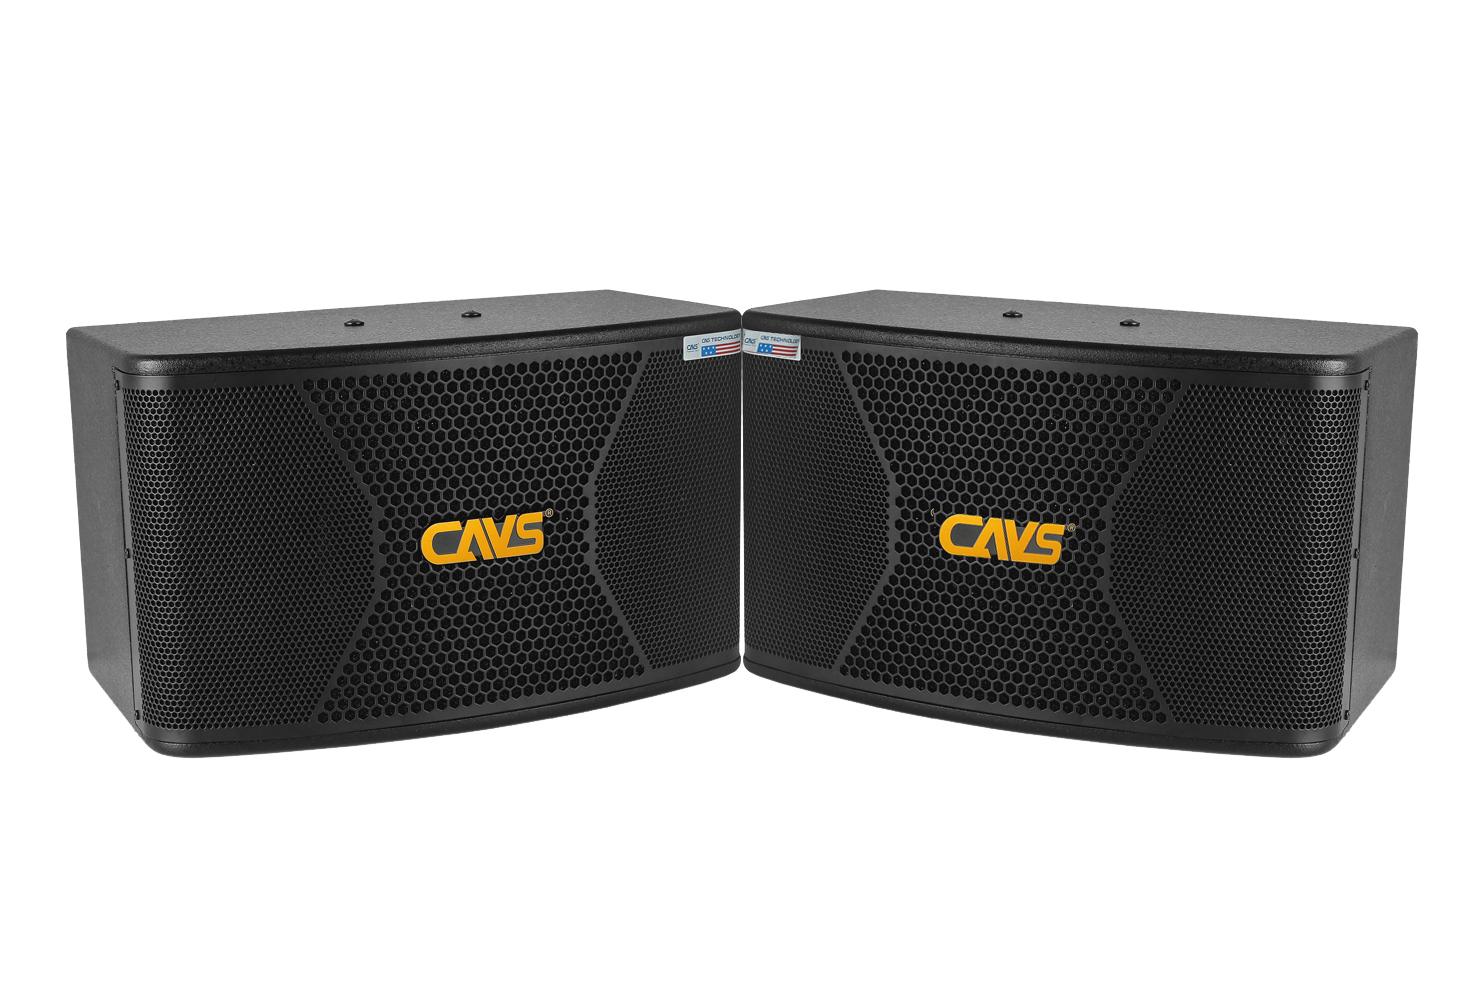 Loa-Karaoke-CAVS-CX10-Nhap-Khau-Chinh-Hang